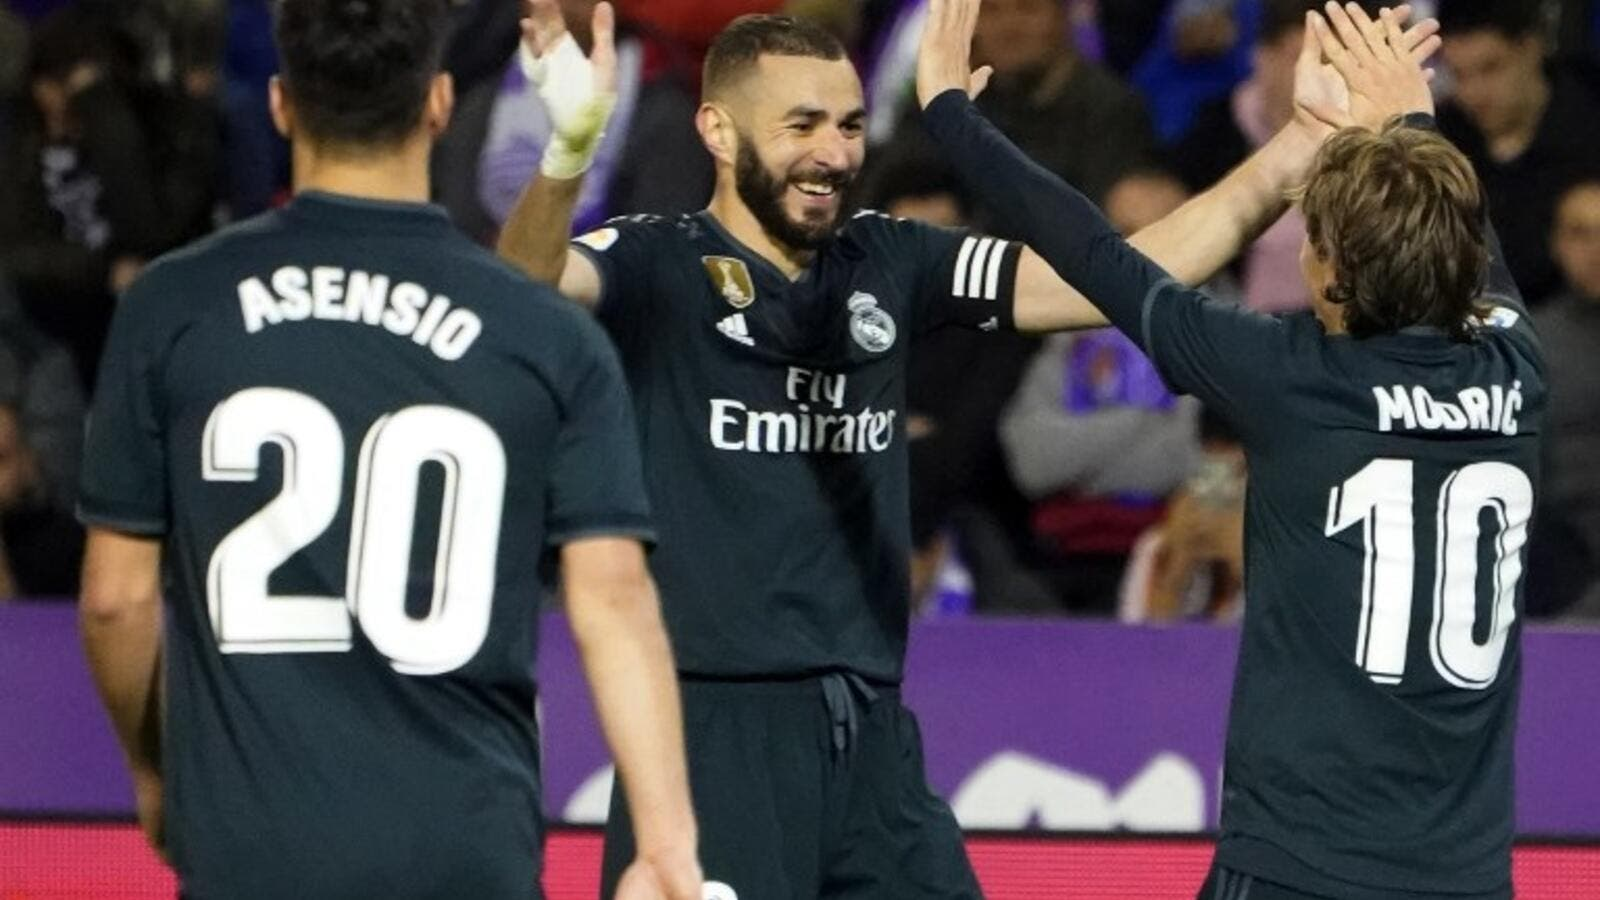 نتيجة بحث الصور عن real madrid team wallpaper 2019